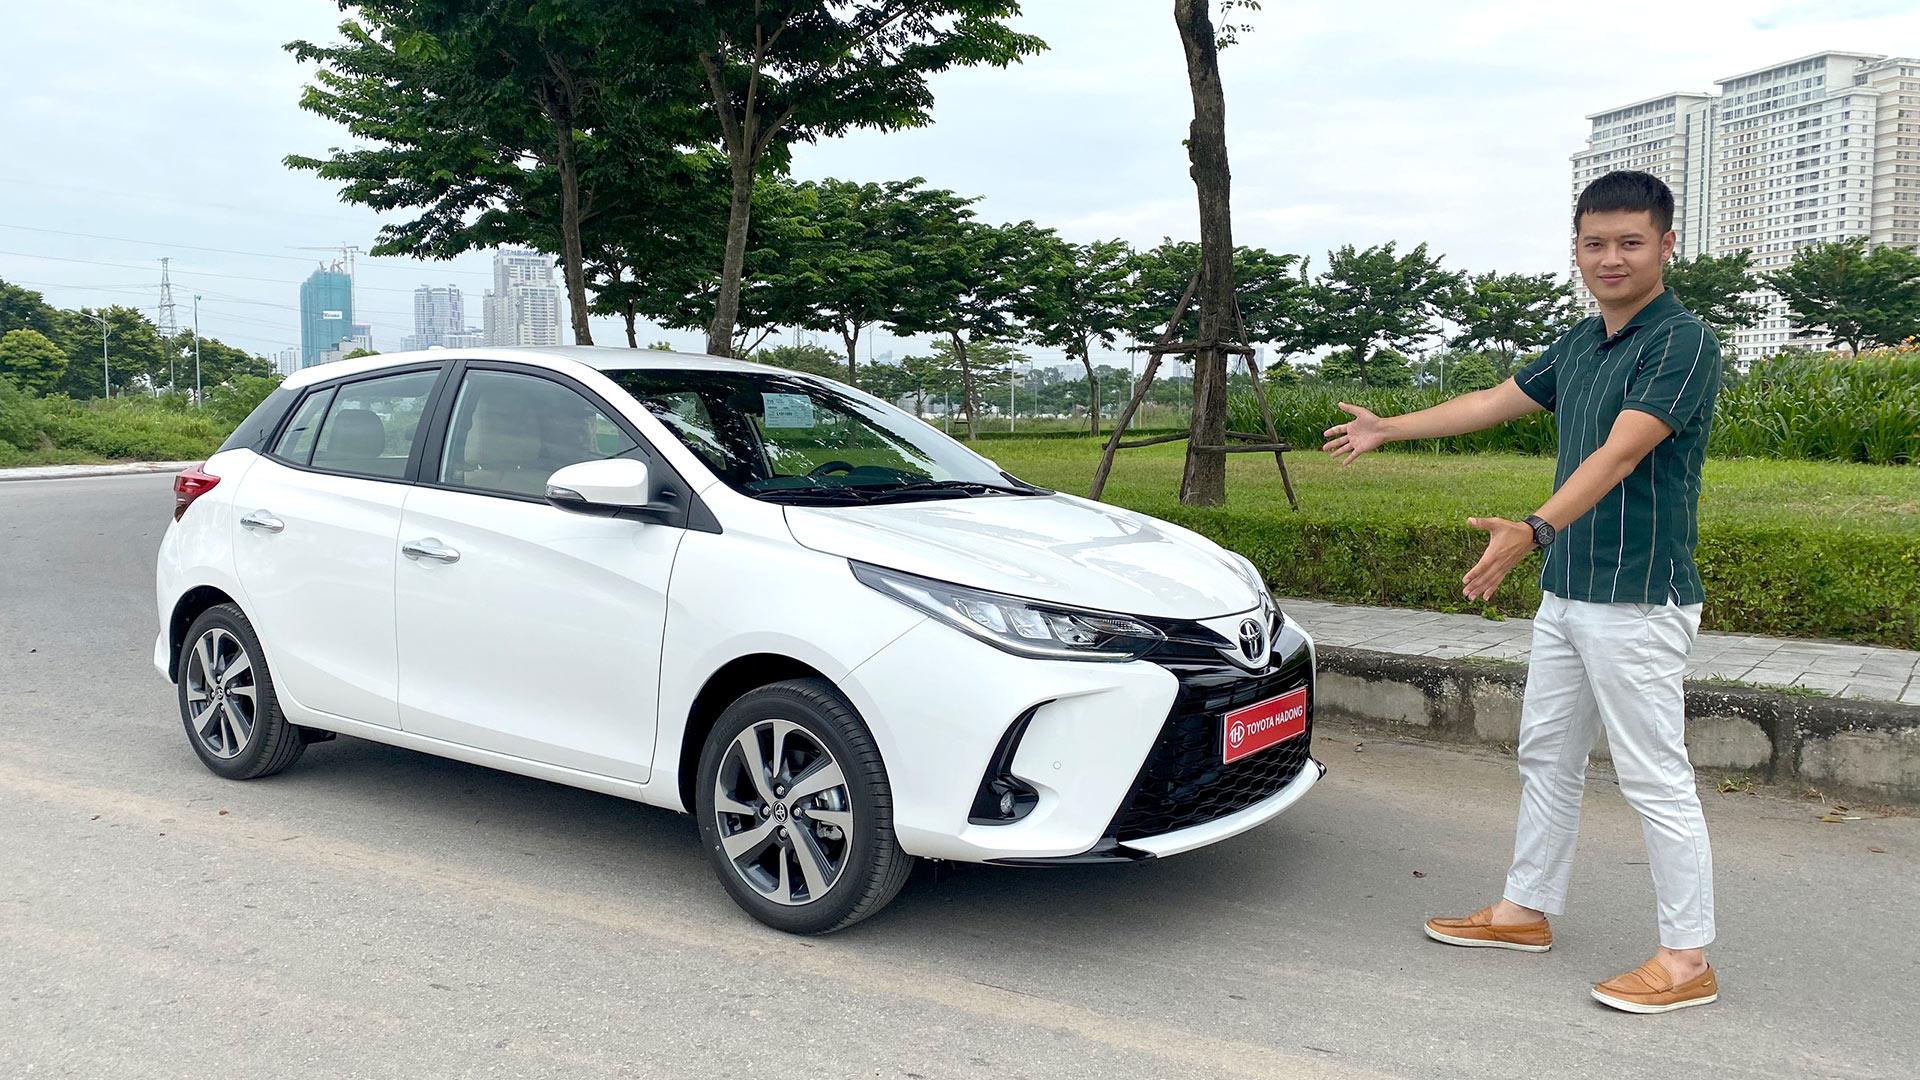 Trải nghiệm nhanh Toyota Yaris 2020 giá 668 triệu đồng vừa về đại lý